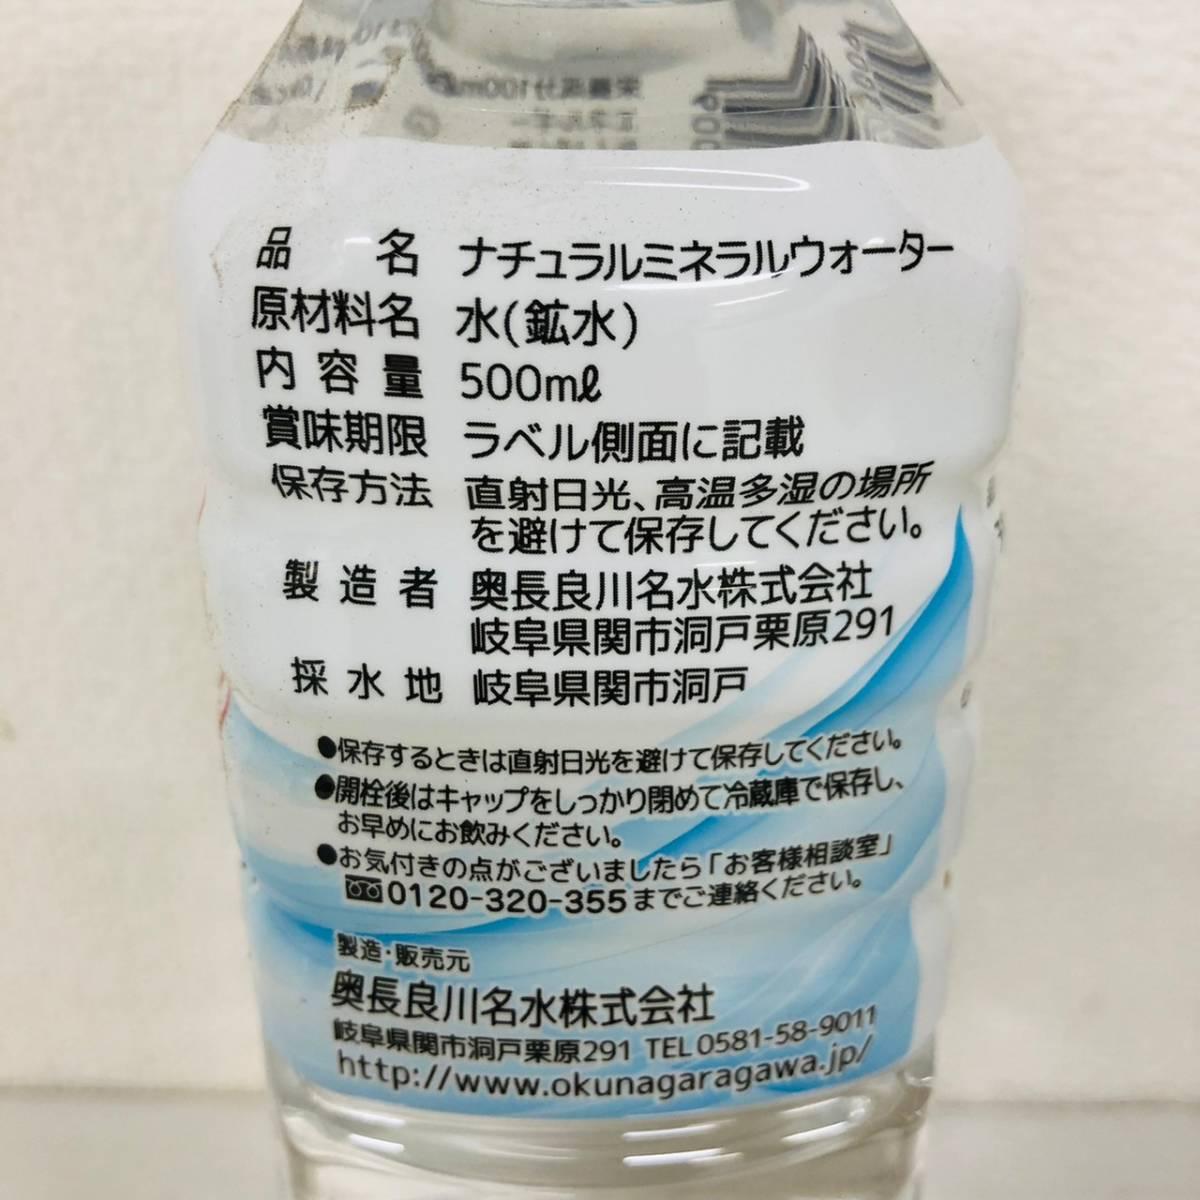 7年保存 天然水 500ml 24本 ケース販売 賞味期限2026.2月 保存水 ナチュラルミネラルウォーター 軟水_画像6